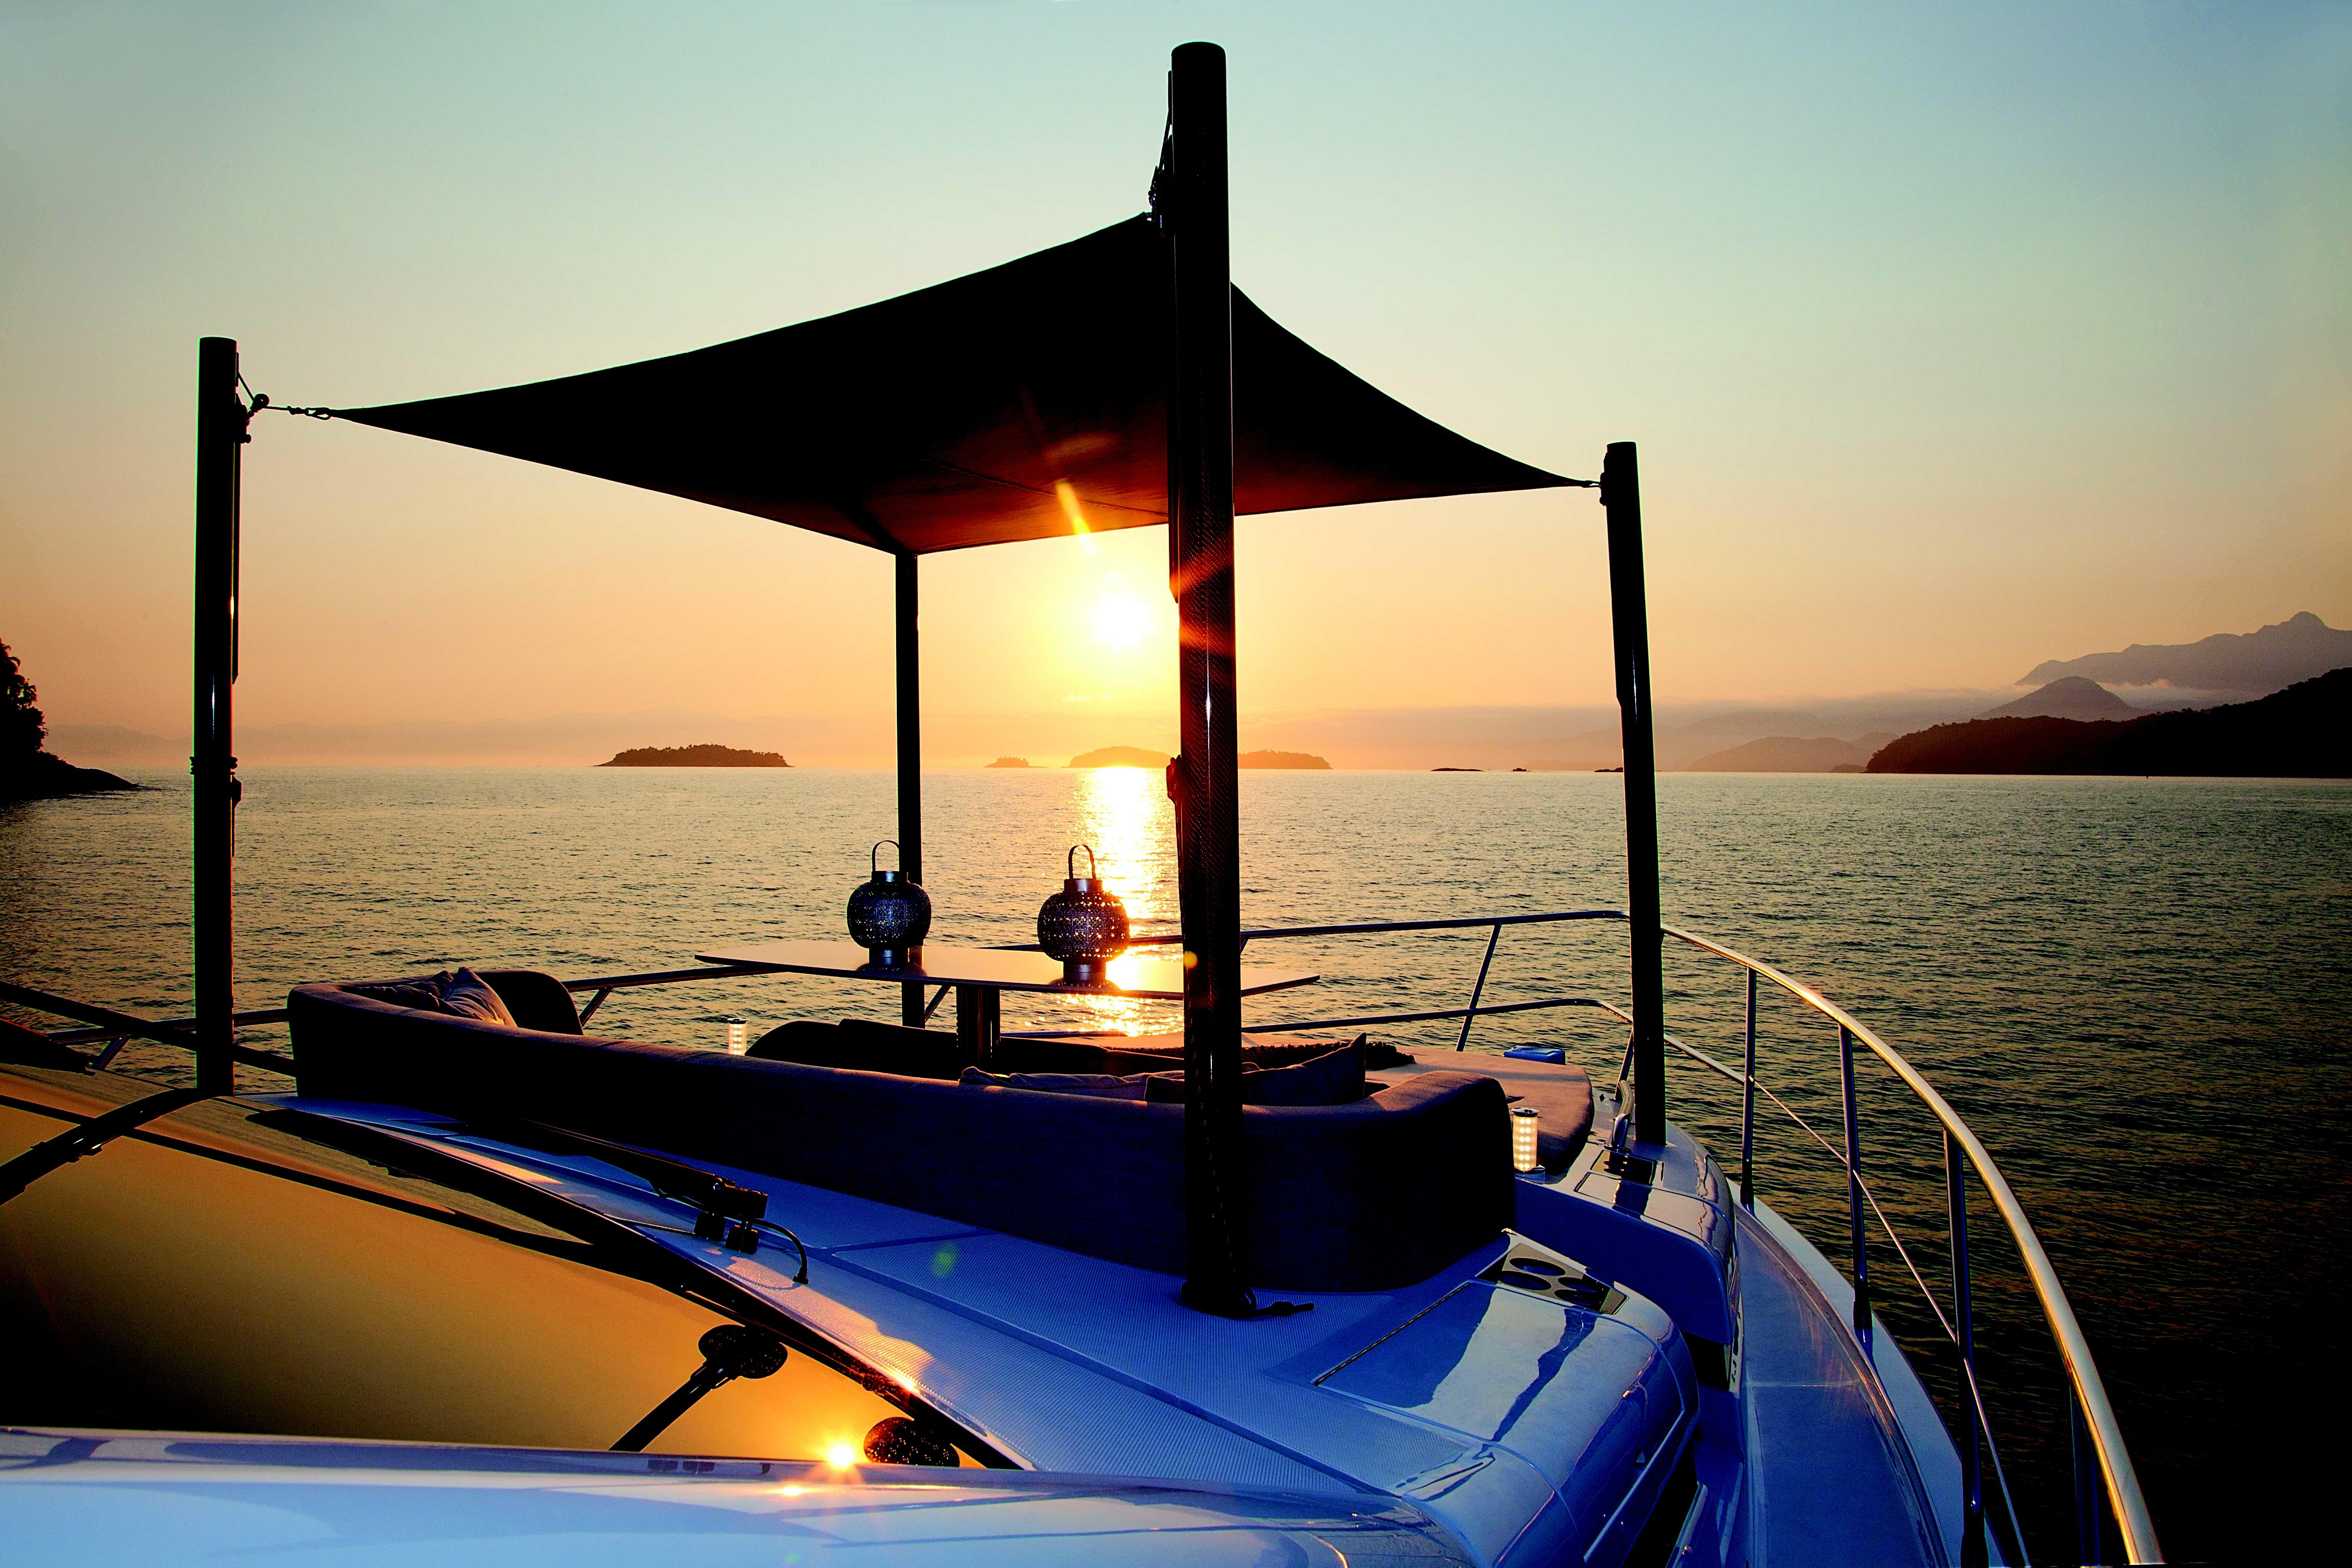 Que tal relaxar vendo esse pôr do sol em um iate? (Foto: Divulgação)